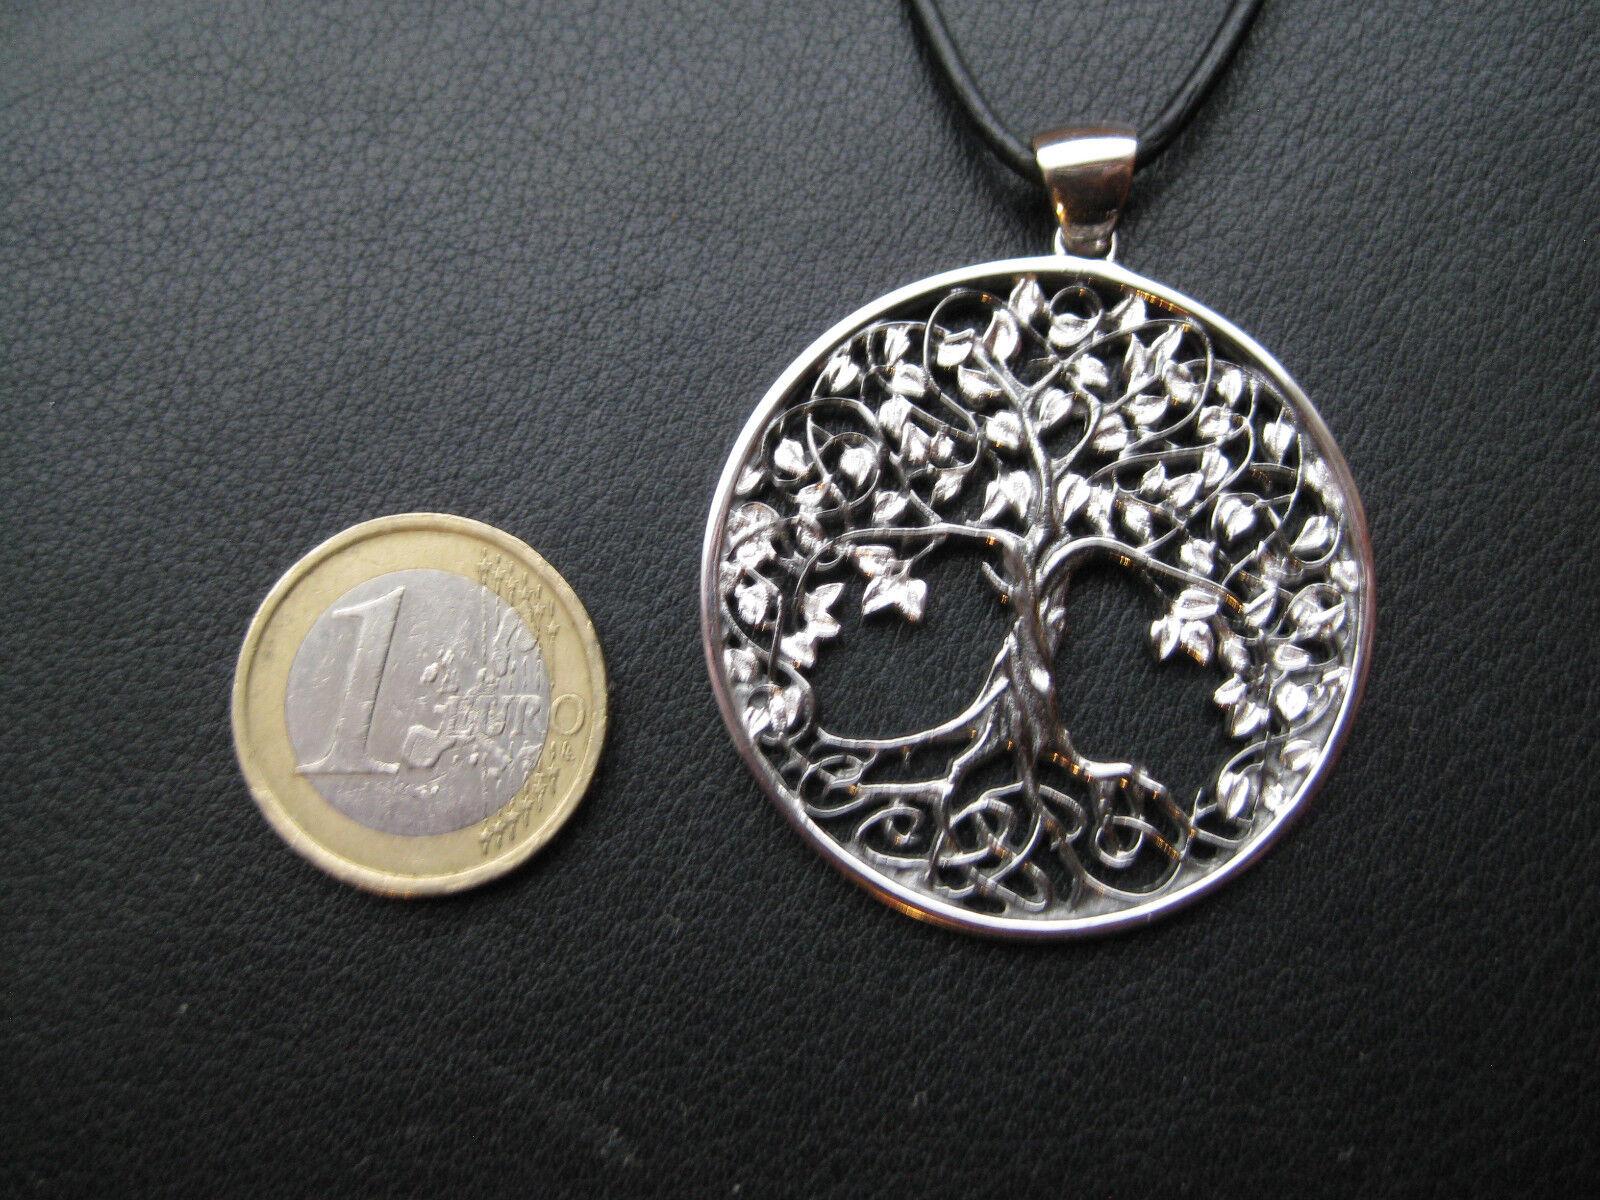 Vita Albero Gross 925'er argentoO argentoO argentoO KT + nastro mondi ALBERO LUX XL 435 eaf68b